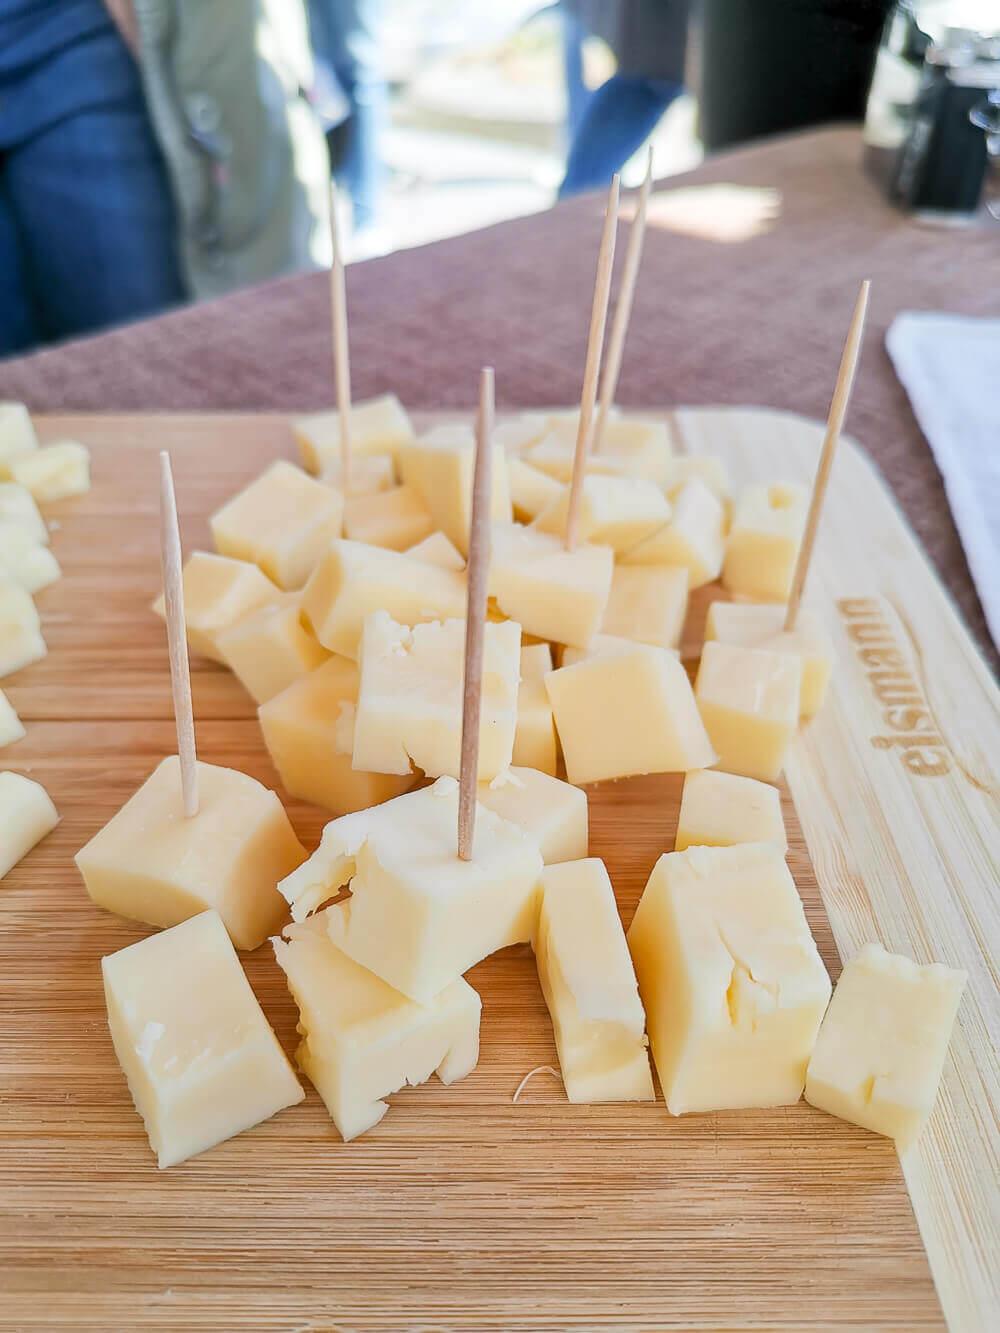 Stilfser Käse, Südtirol - gute Stilfser Häppchen